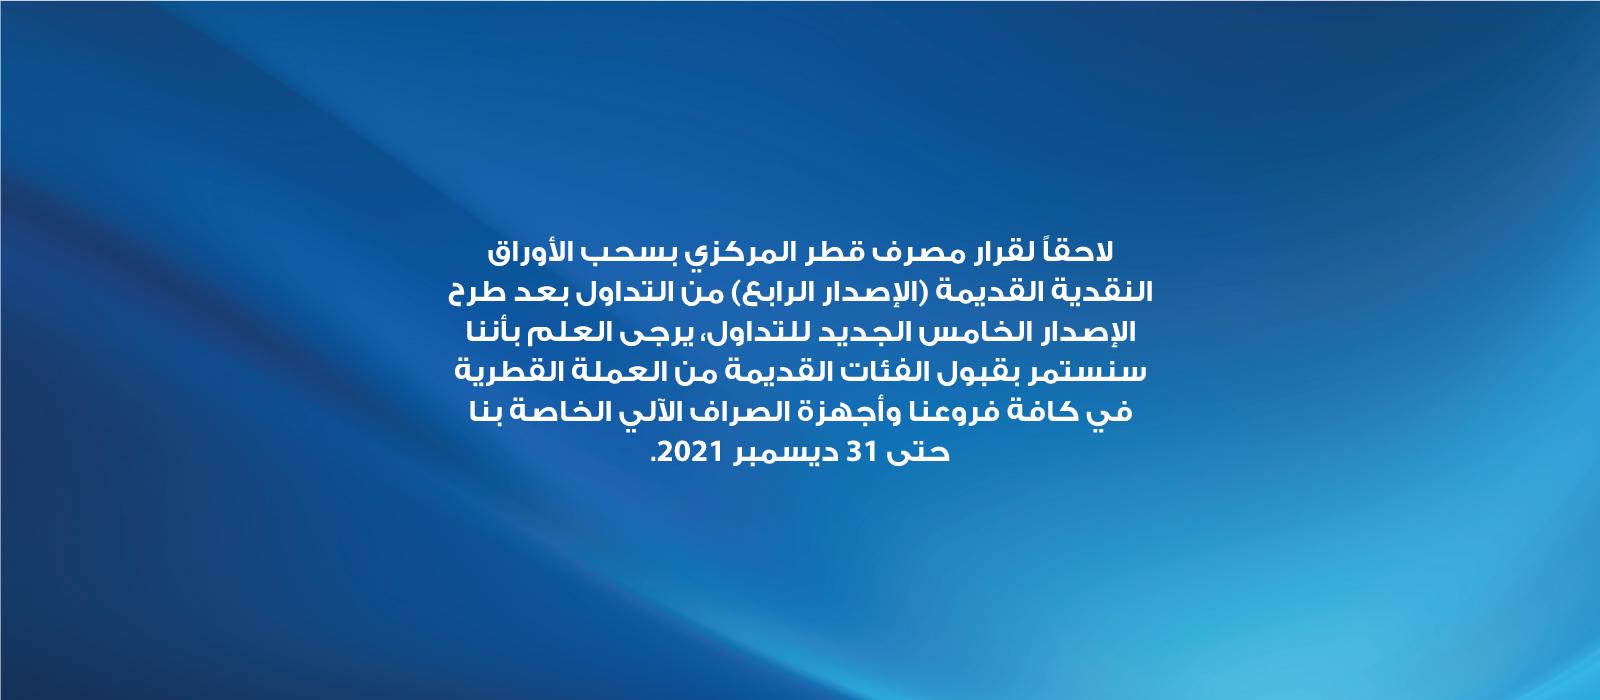 Website-banner-1600x700-Qatar-A